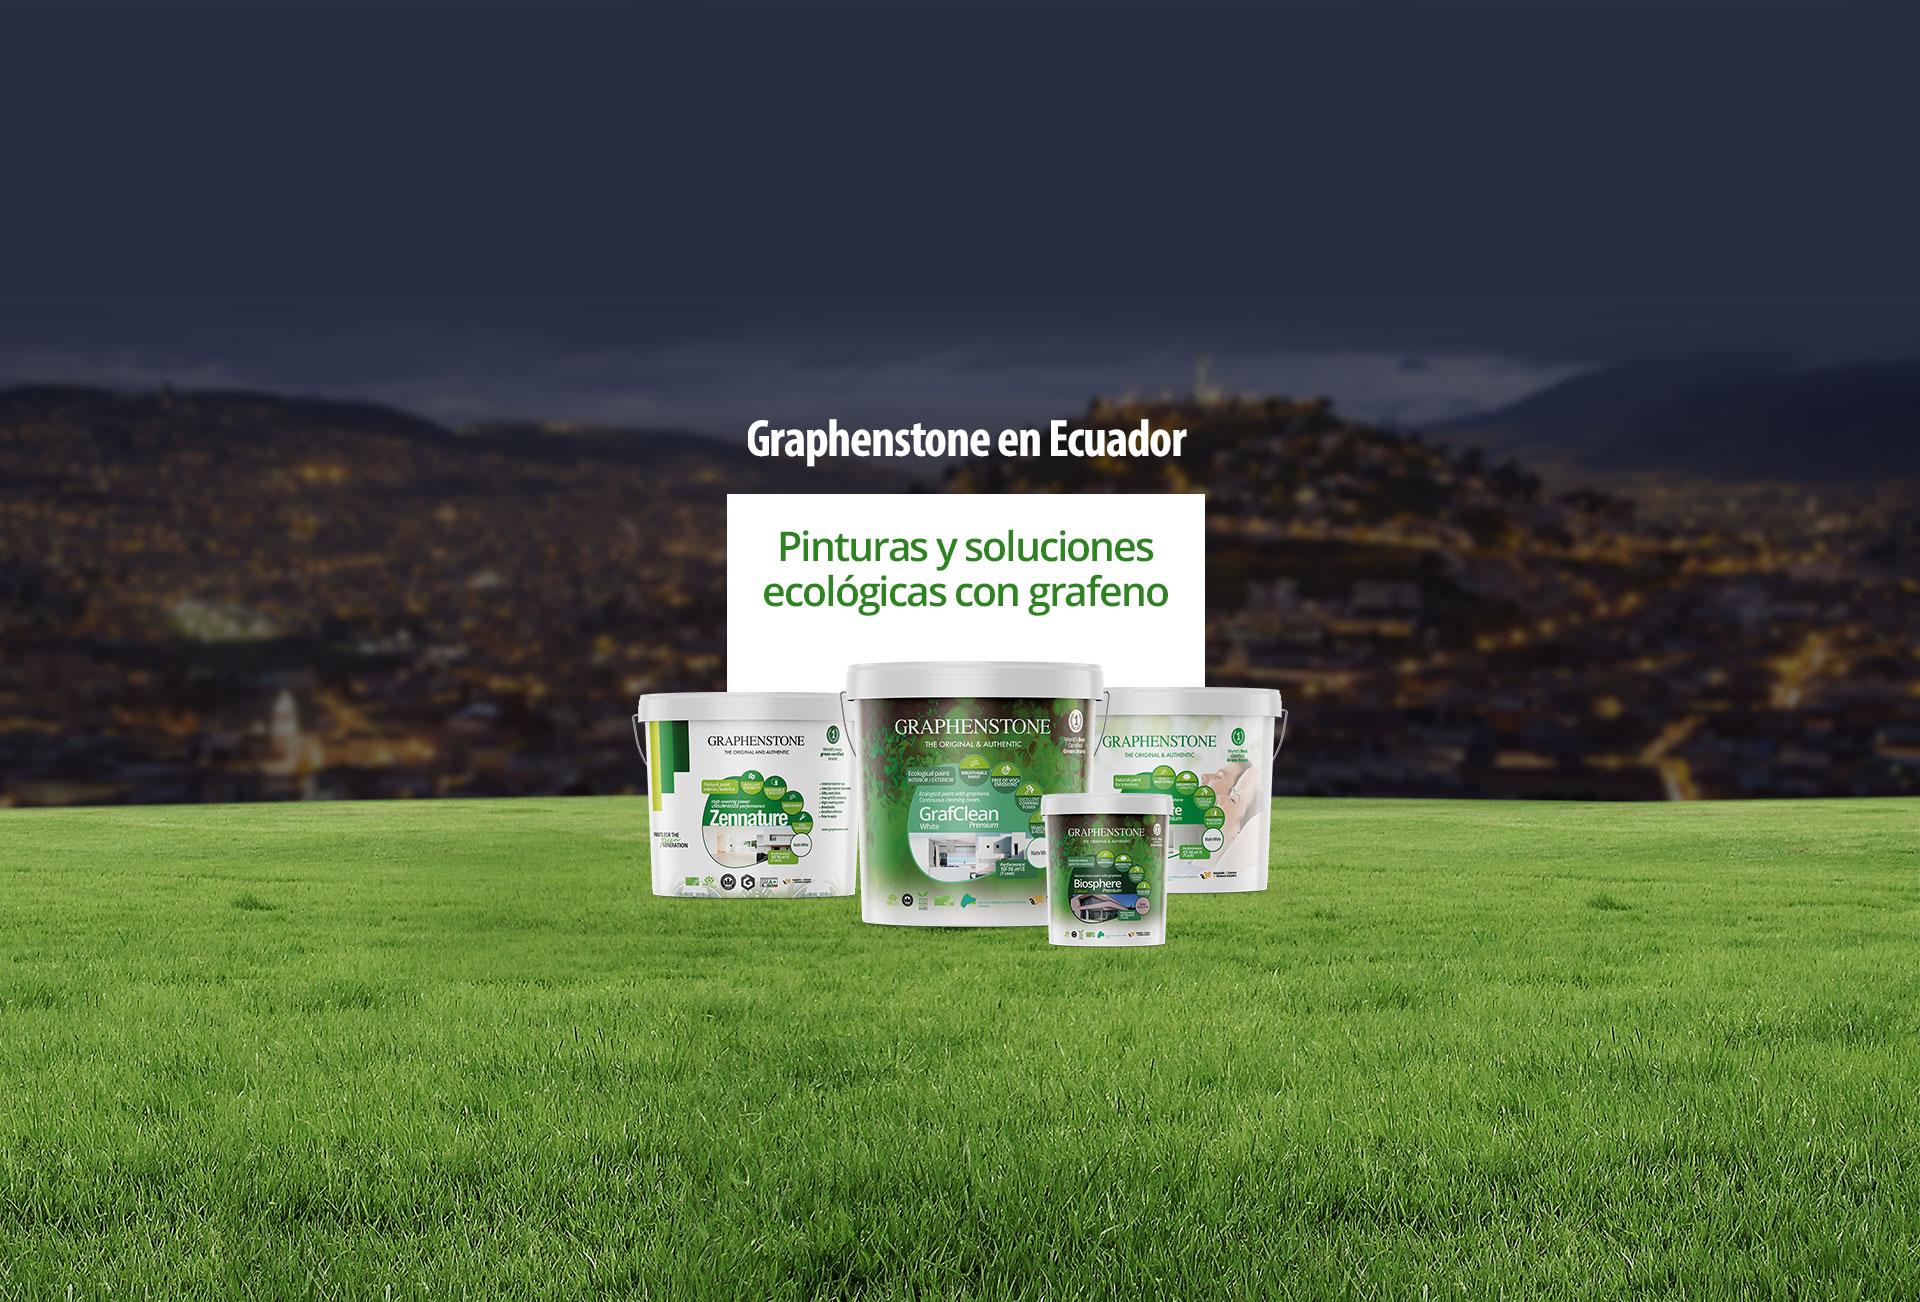 Productos Graphenstone en Ecuador